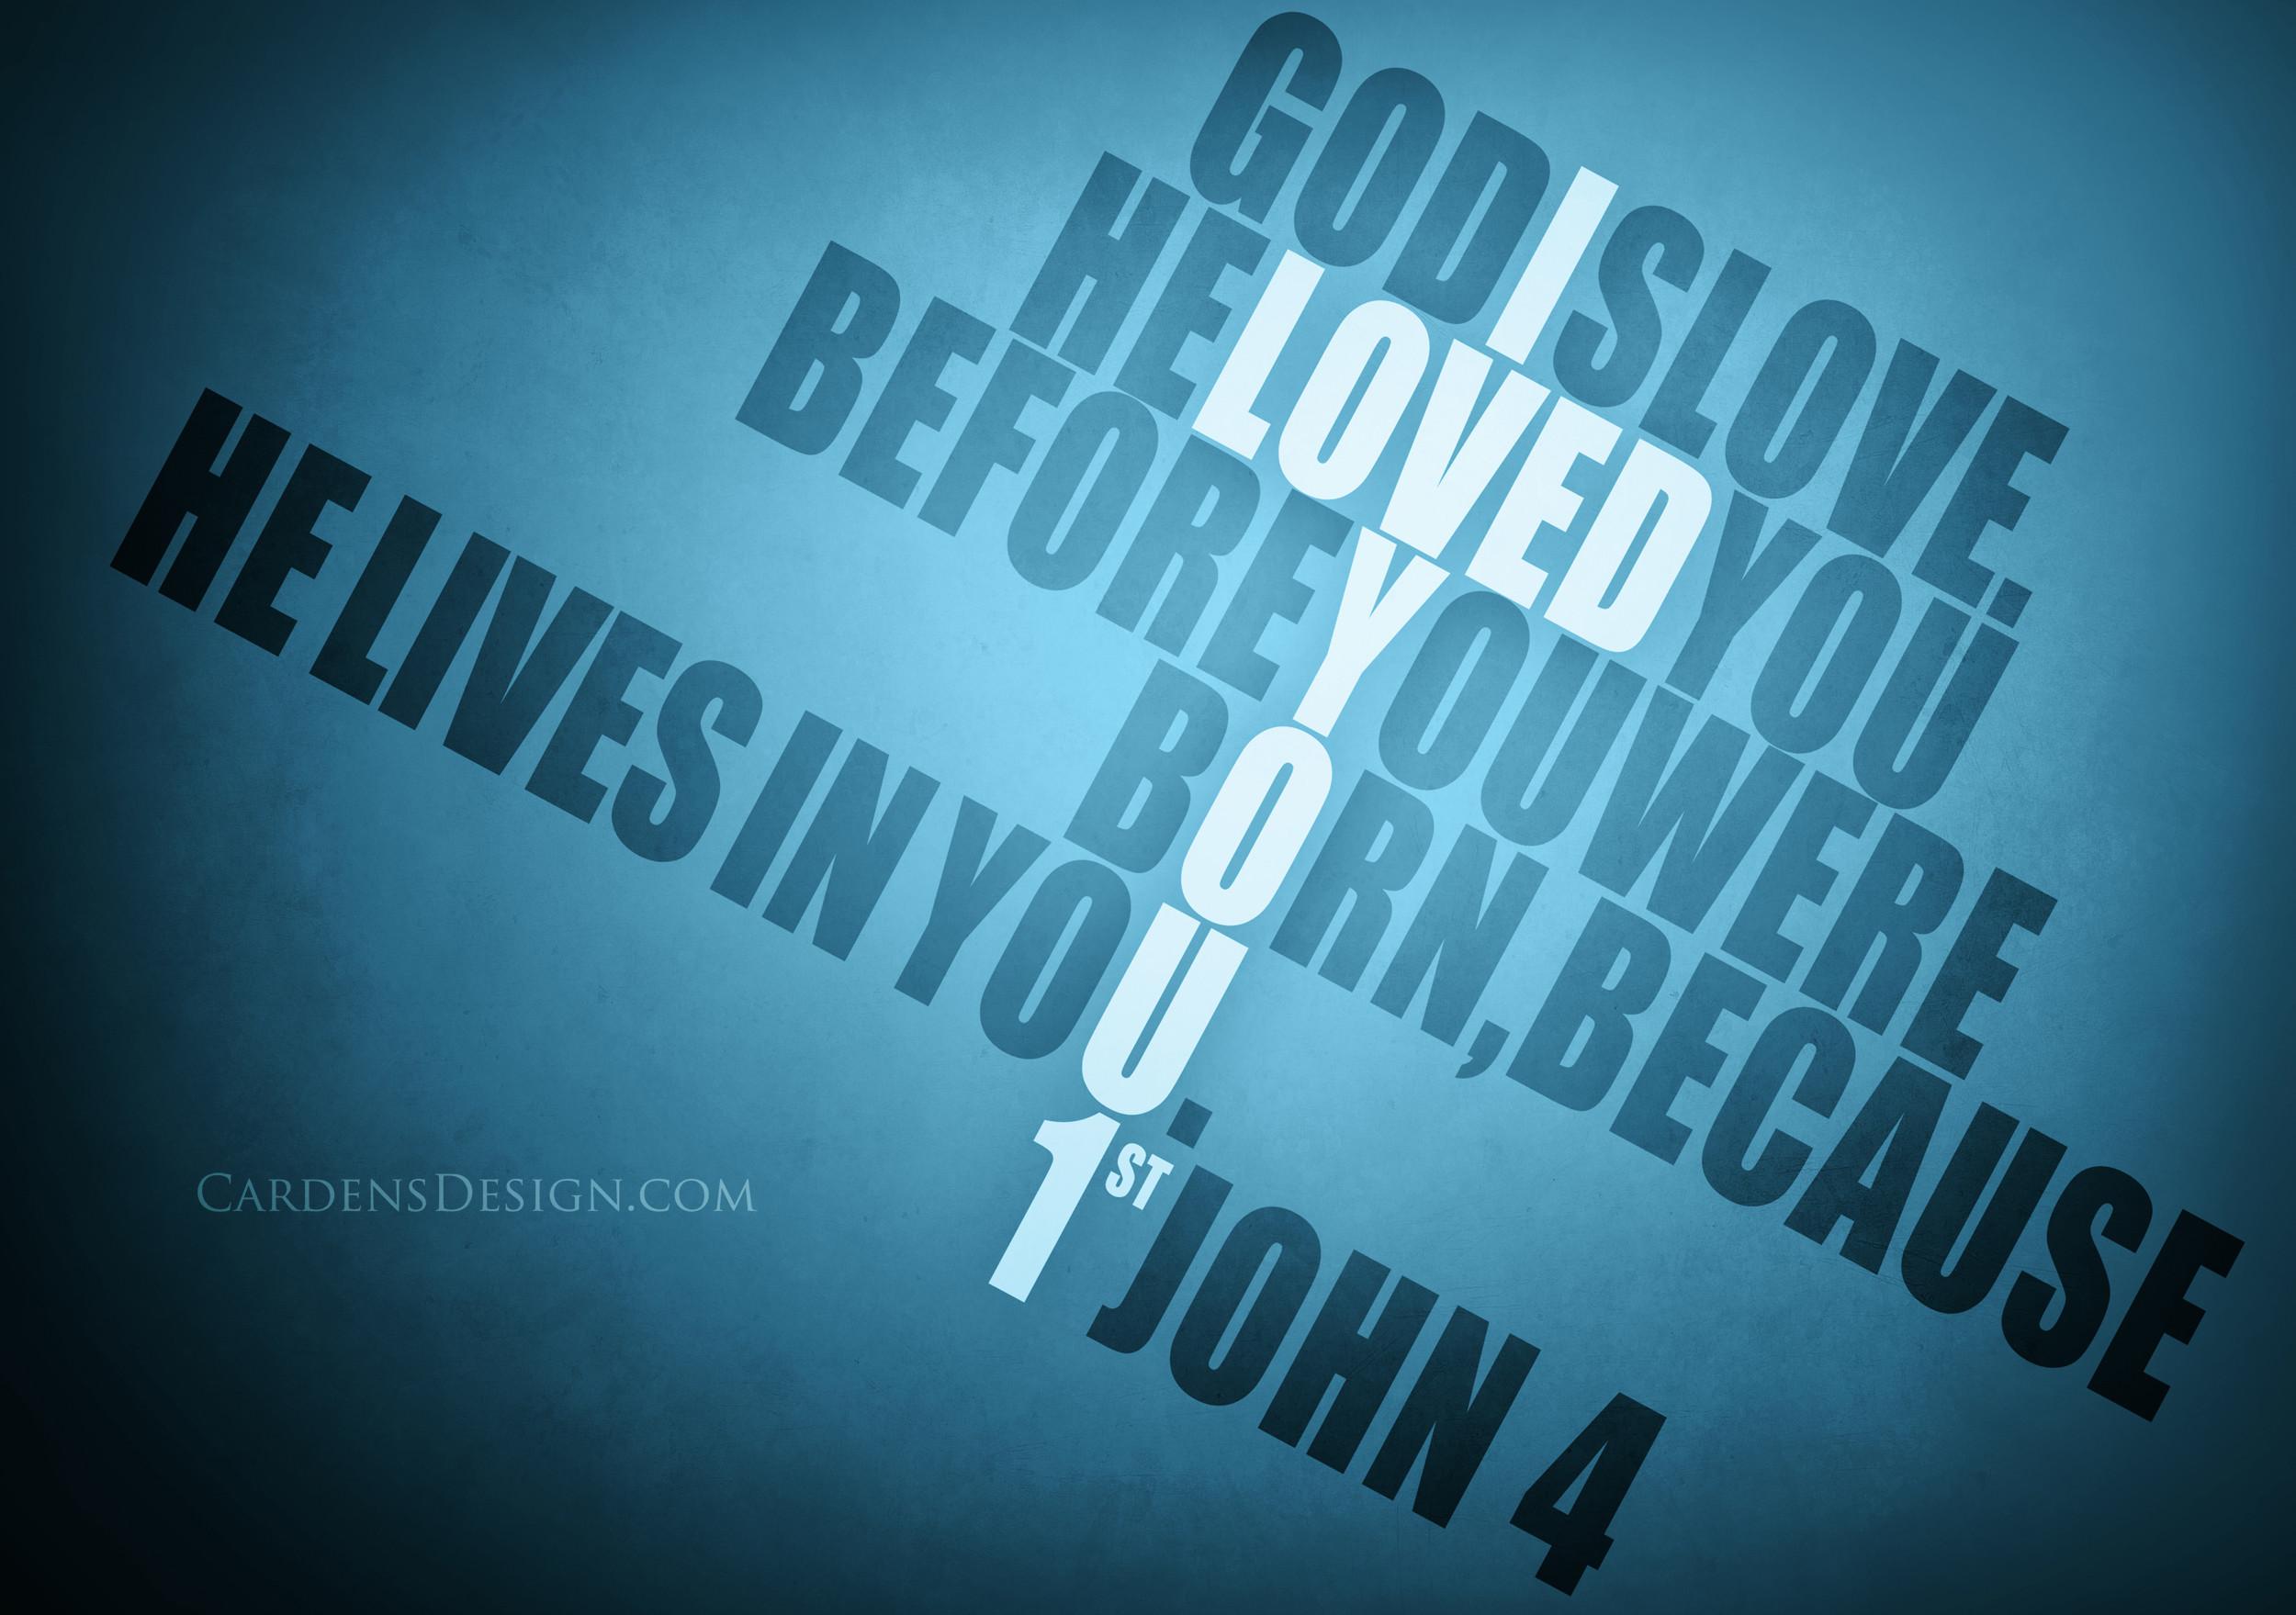 iPhone Wallpaper Christian Quotes - WallpaperSafari ...